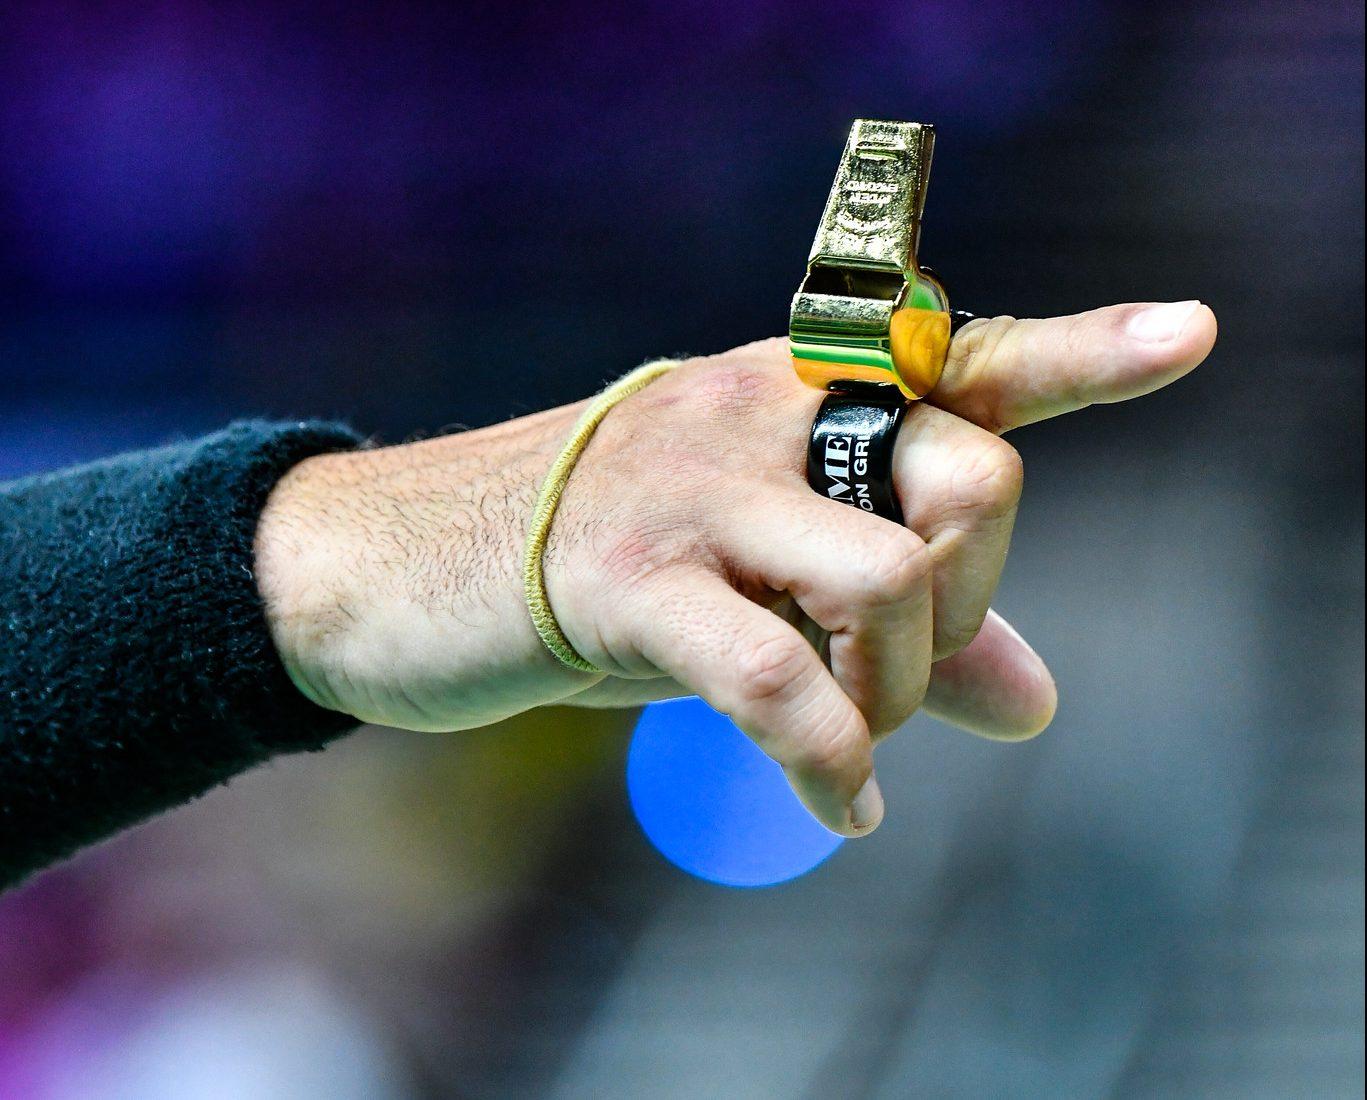 ACME Whistle, gold whistle, Gary's whistle, umpire, netball. Photo: Simon Leonard